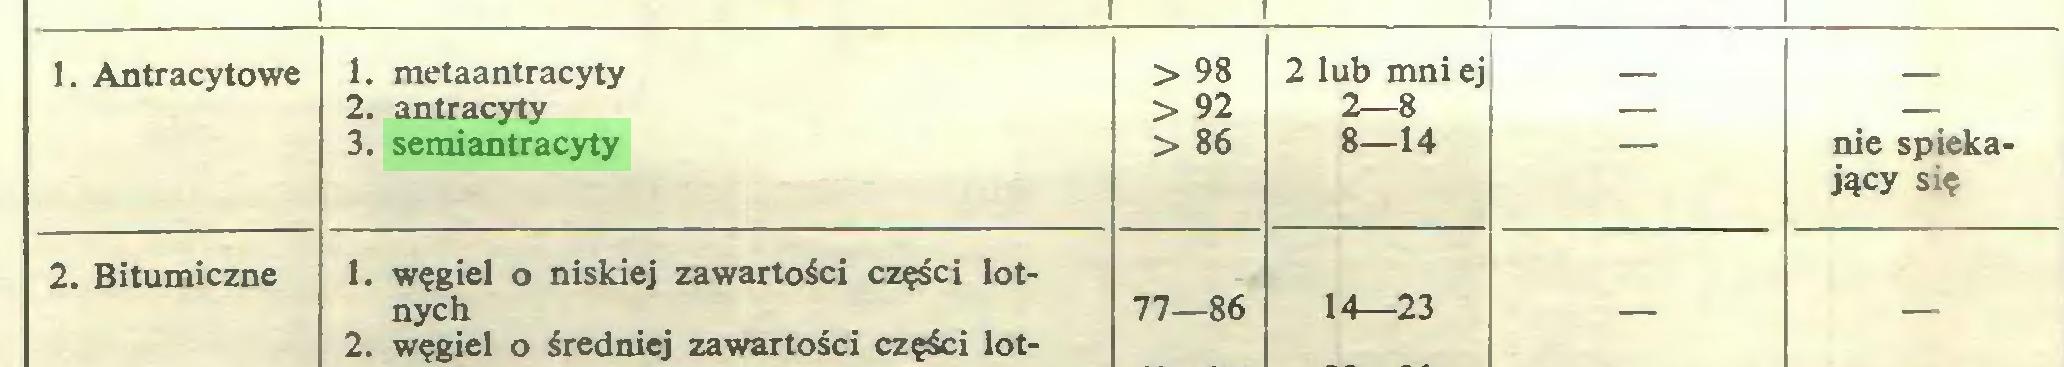 (...) 1. Antracytowe 1. metaantracyty > 98 2 lub mniej 2. antracyty > 92 2—8 — — 3. semiantracyty > 86 8—14 nie spiekający się 2. Bitumiczne 1. węgiel o niskiej zawartości części lotnych 2. węgiel o średniej zawartości części lot- 77—86 14—23 — —...